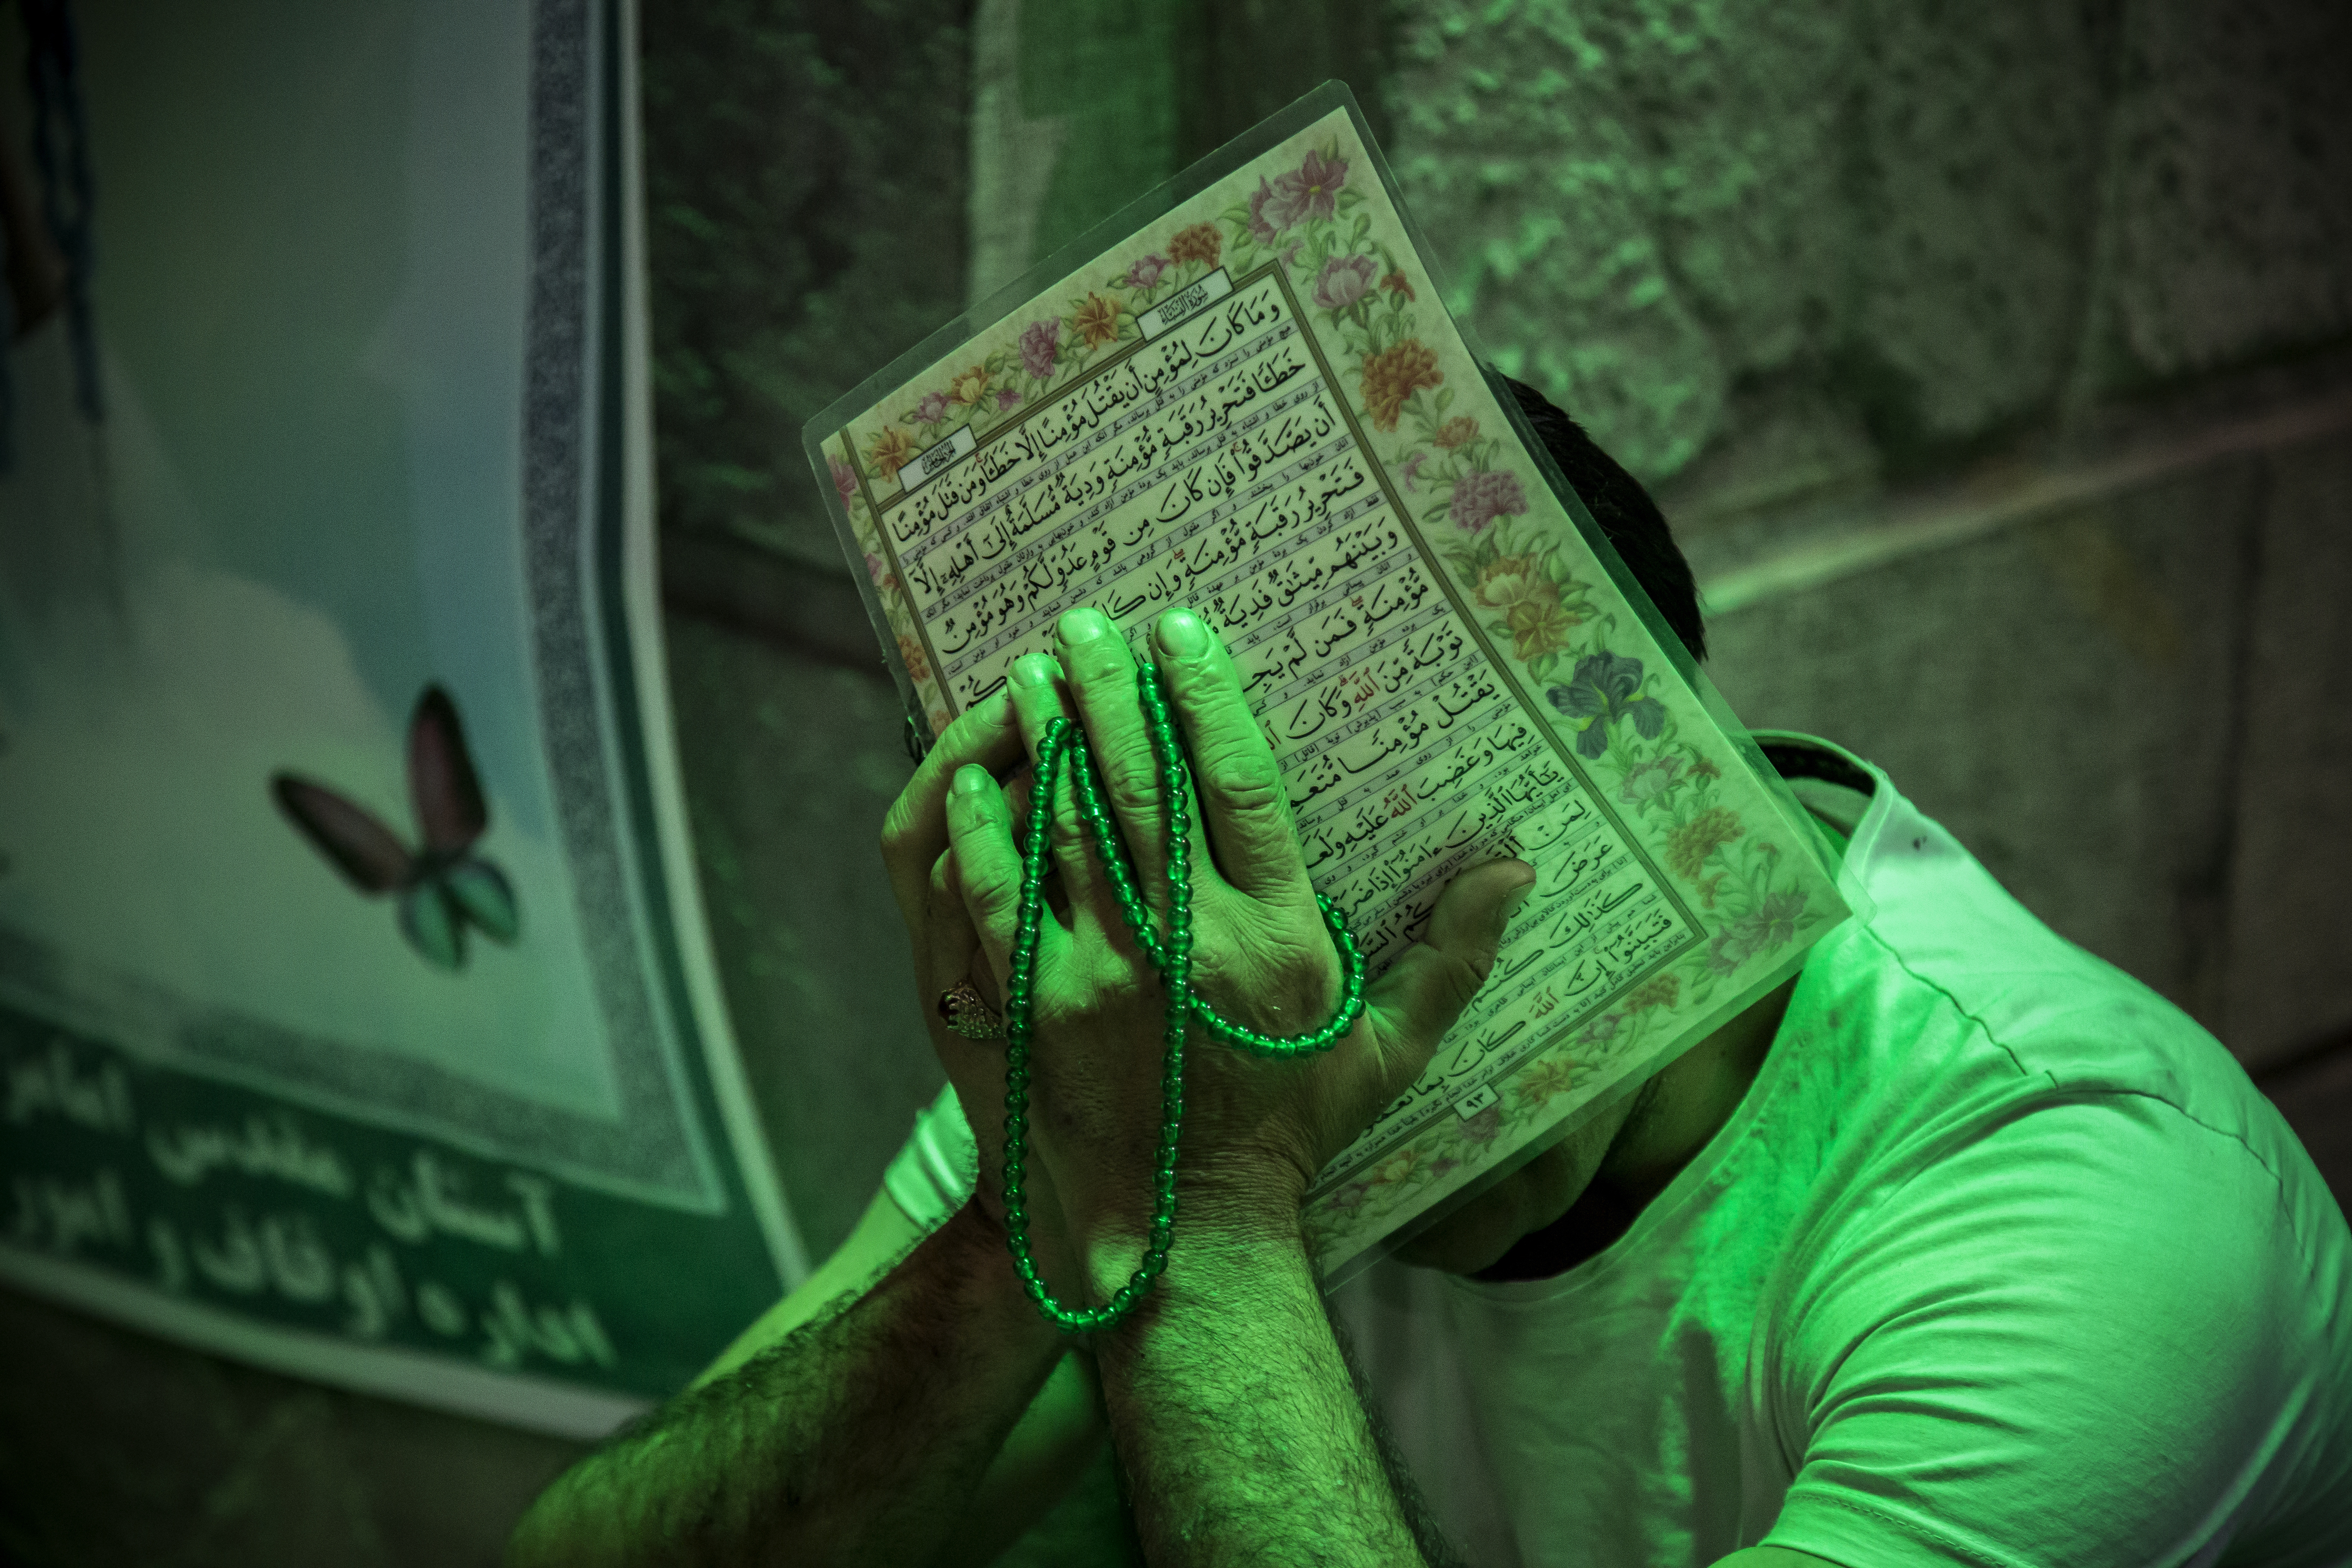 Kilencven év után derült ki a féltve őrzött családi Koránról, hogy a szovjet Btk. arab betűs kiadása*